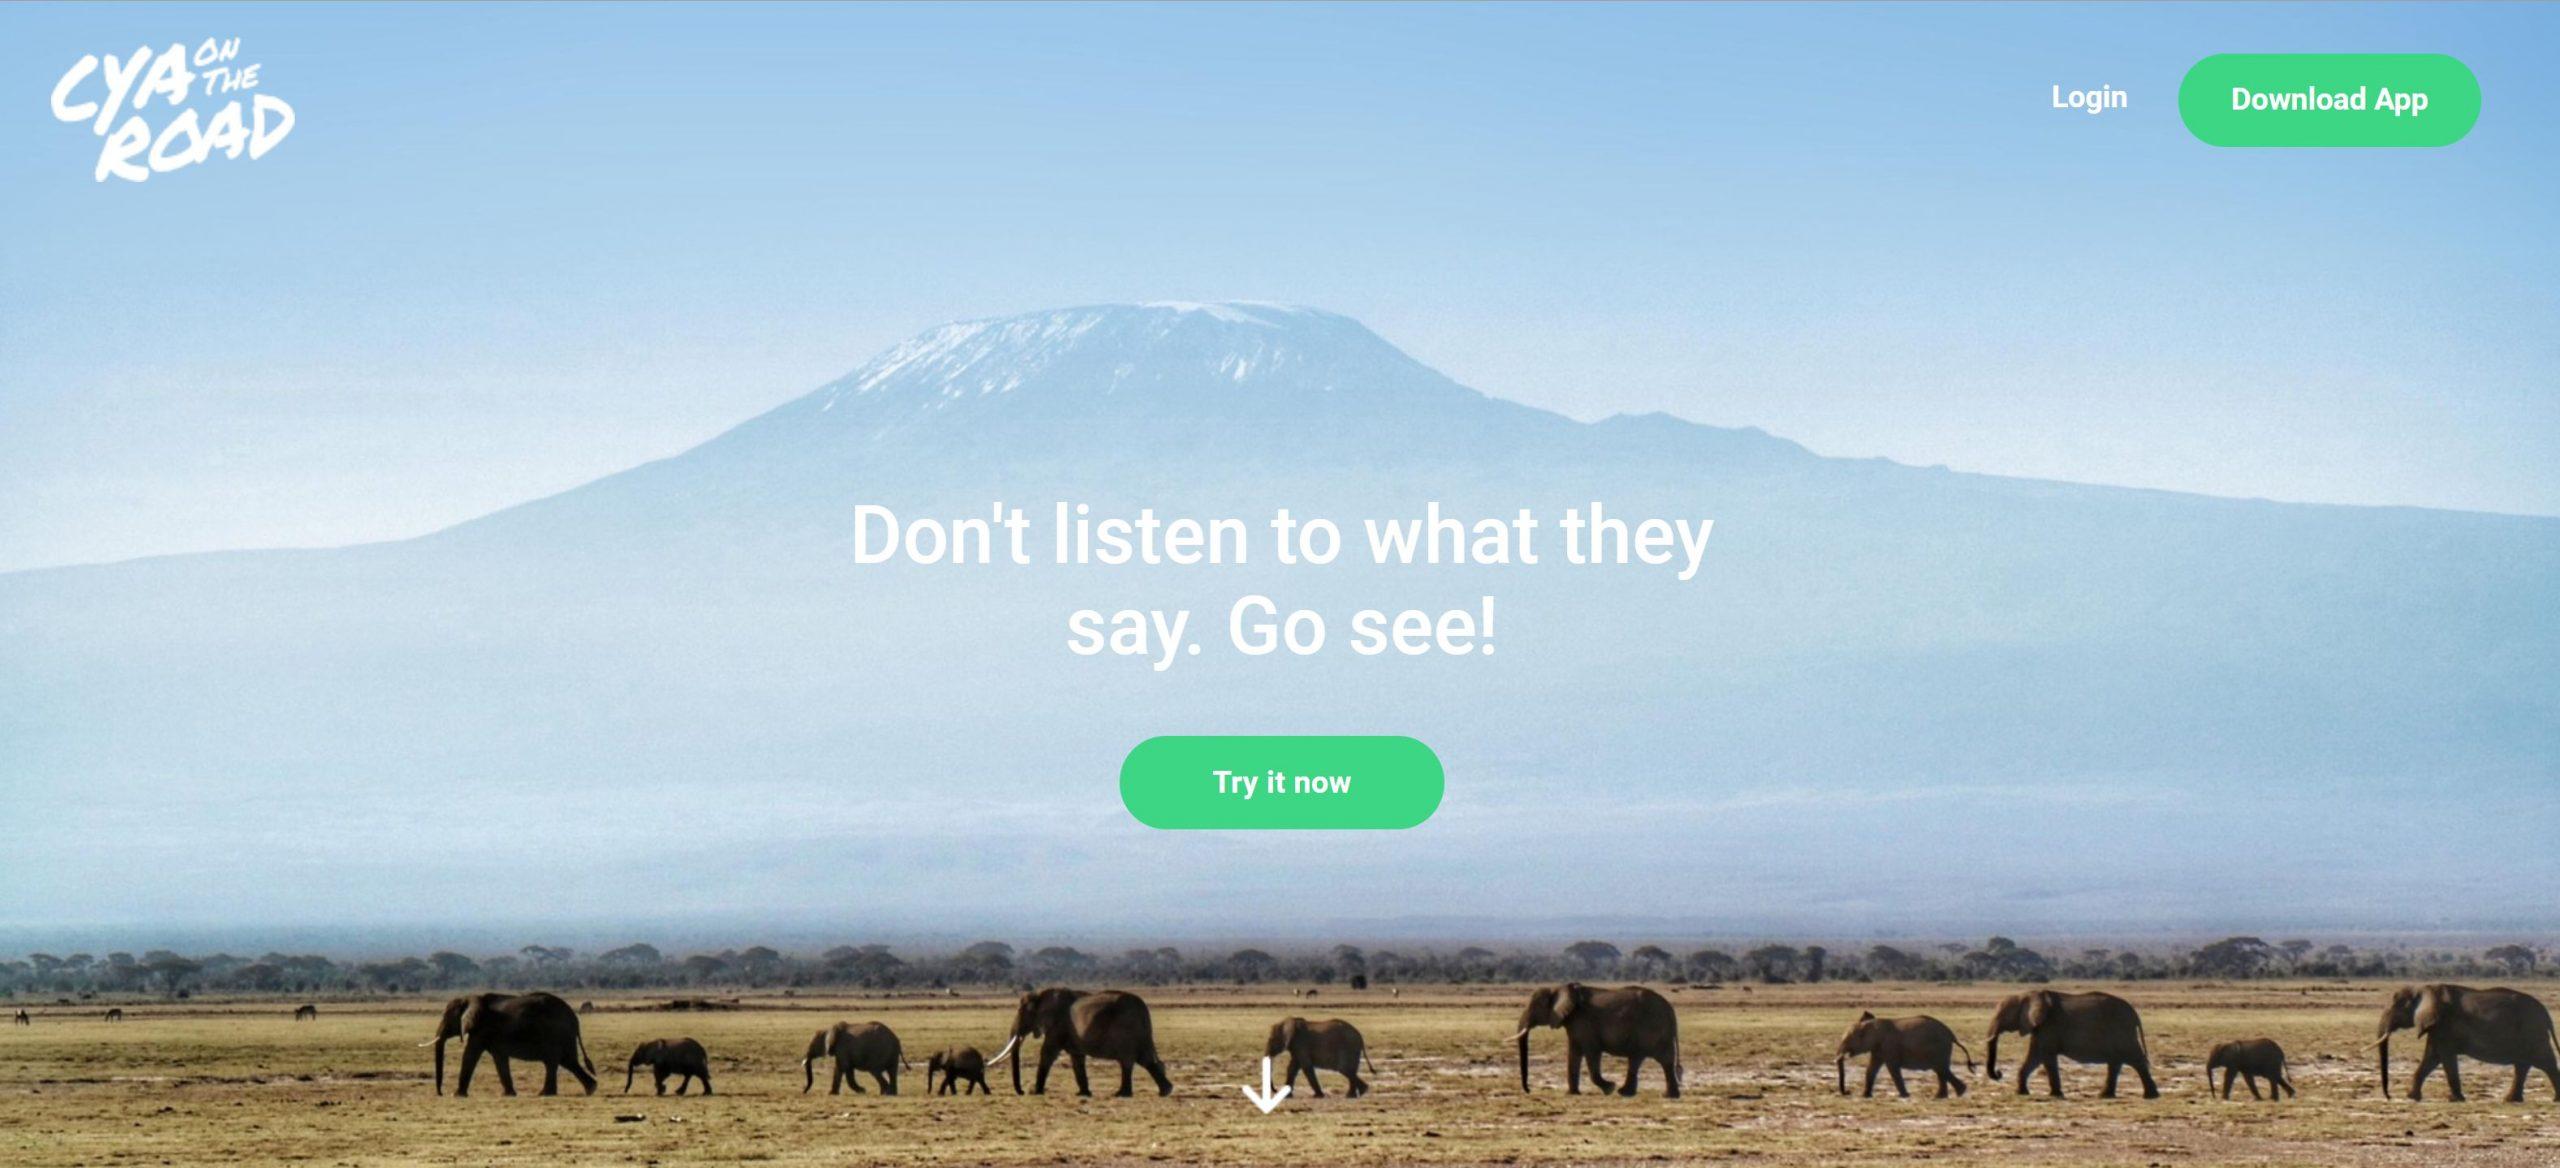 Cya On The Road - Homepage